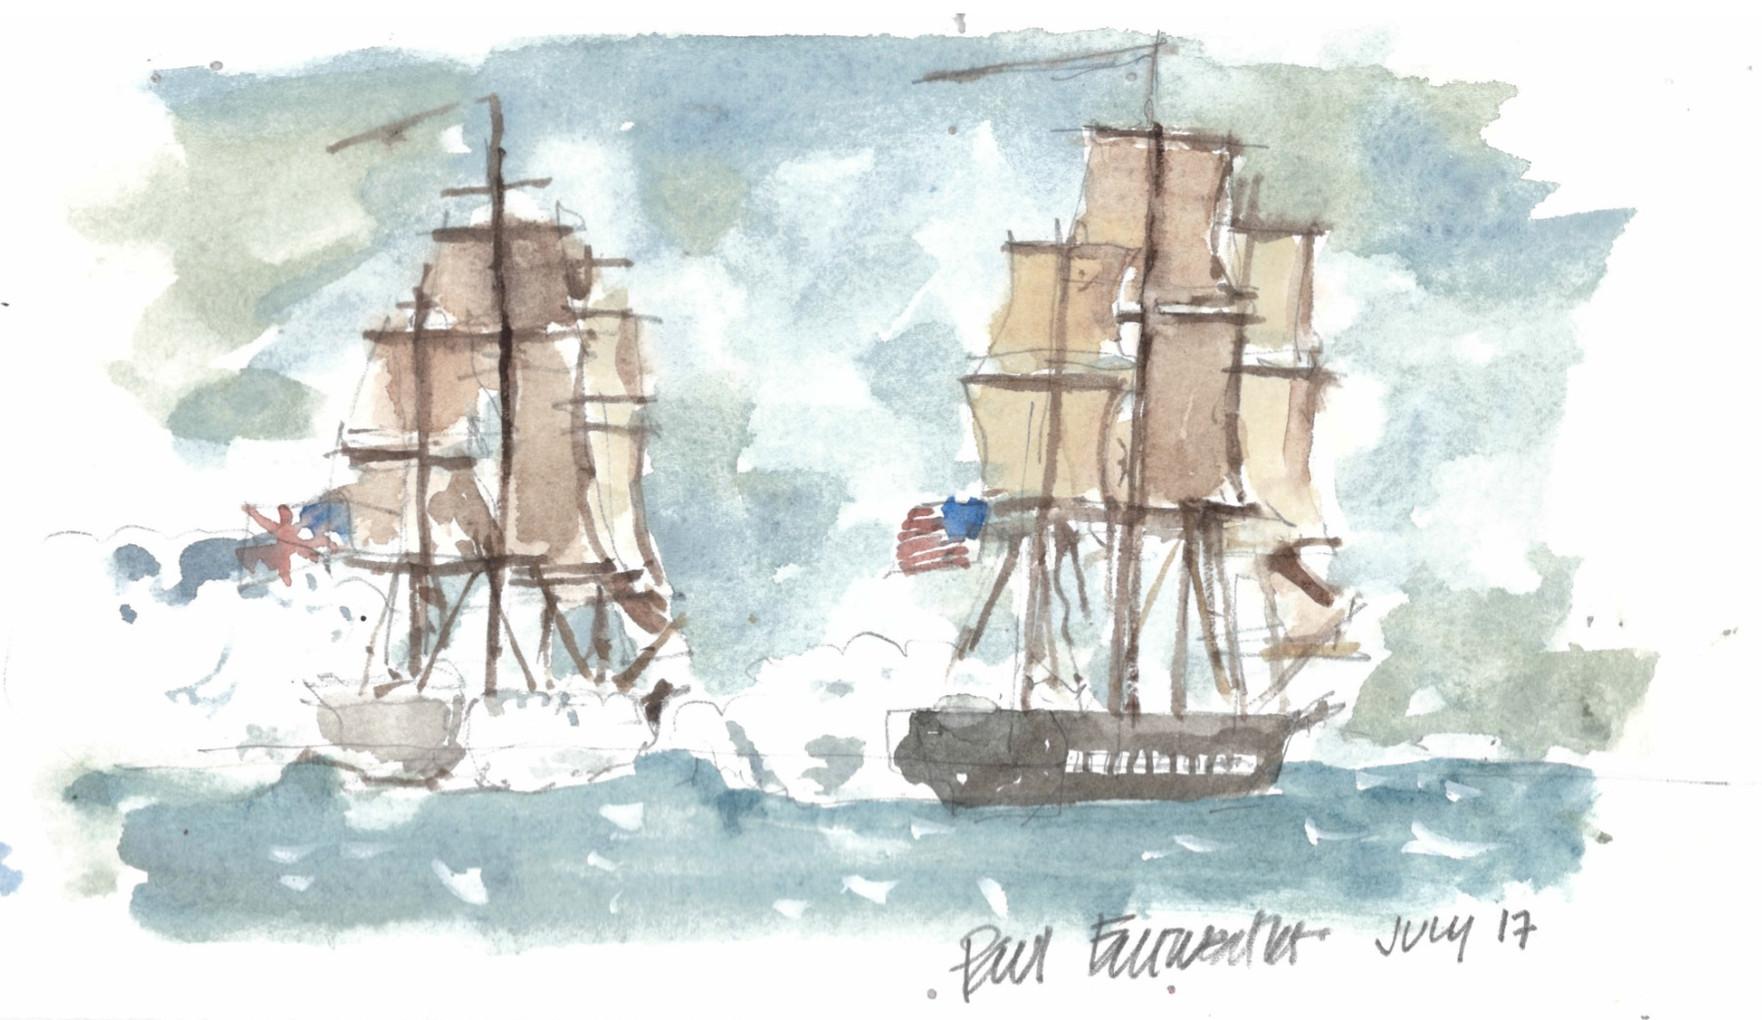 Sailing ships - July 2017